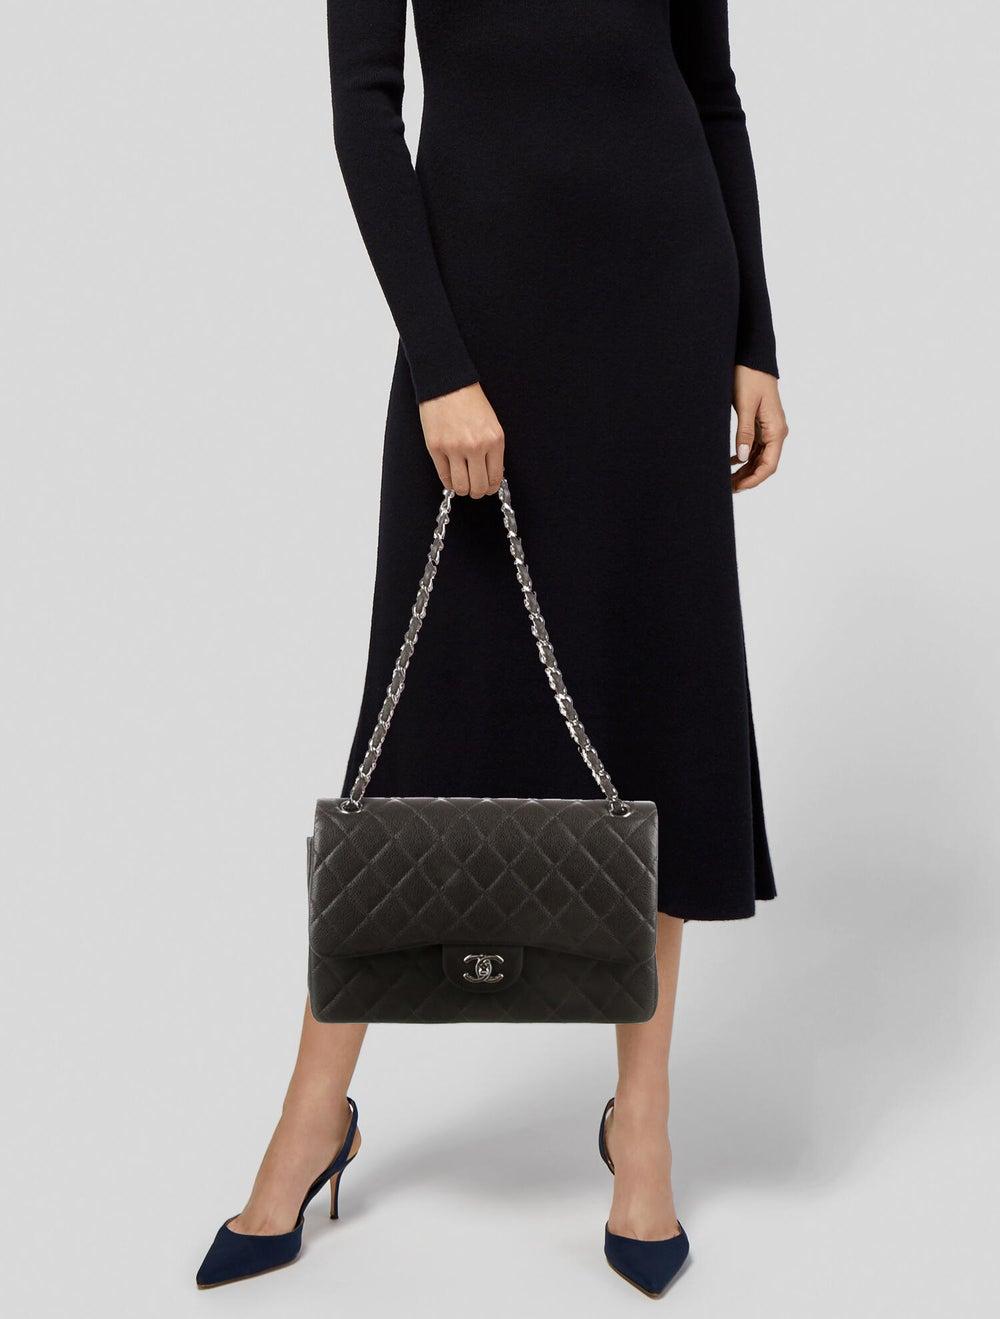 Chanel Classic Jumbo Double Flap Bag Brown - image 2